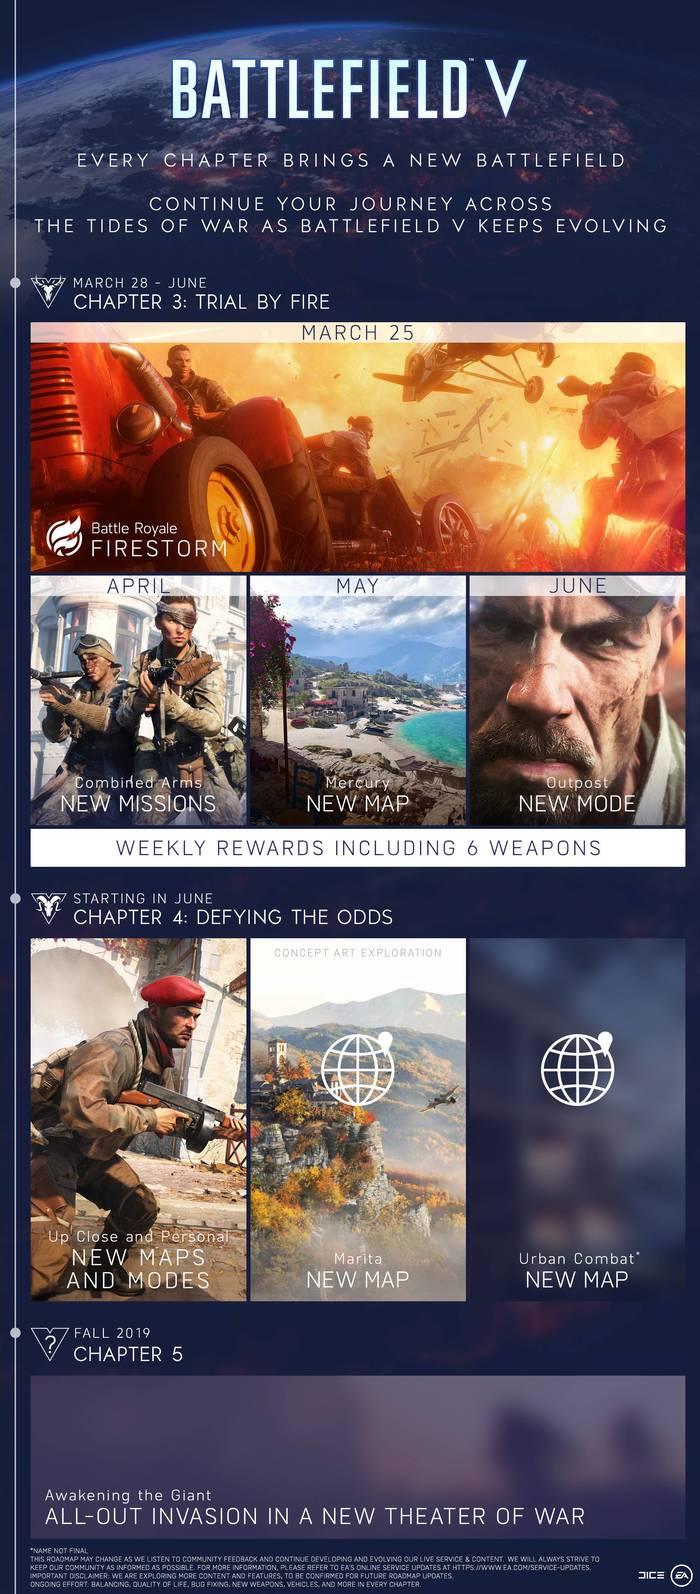 Новости игрового мира #2 Игры, Геймеры, Новости, Компьютерные игры, Видео, Длиннопост, Gizer